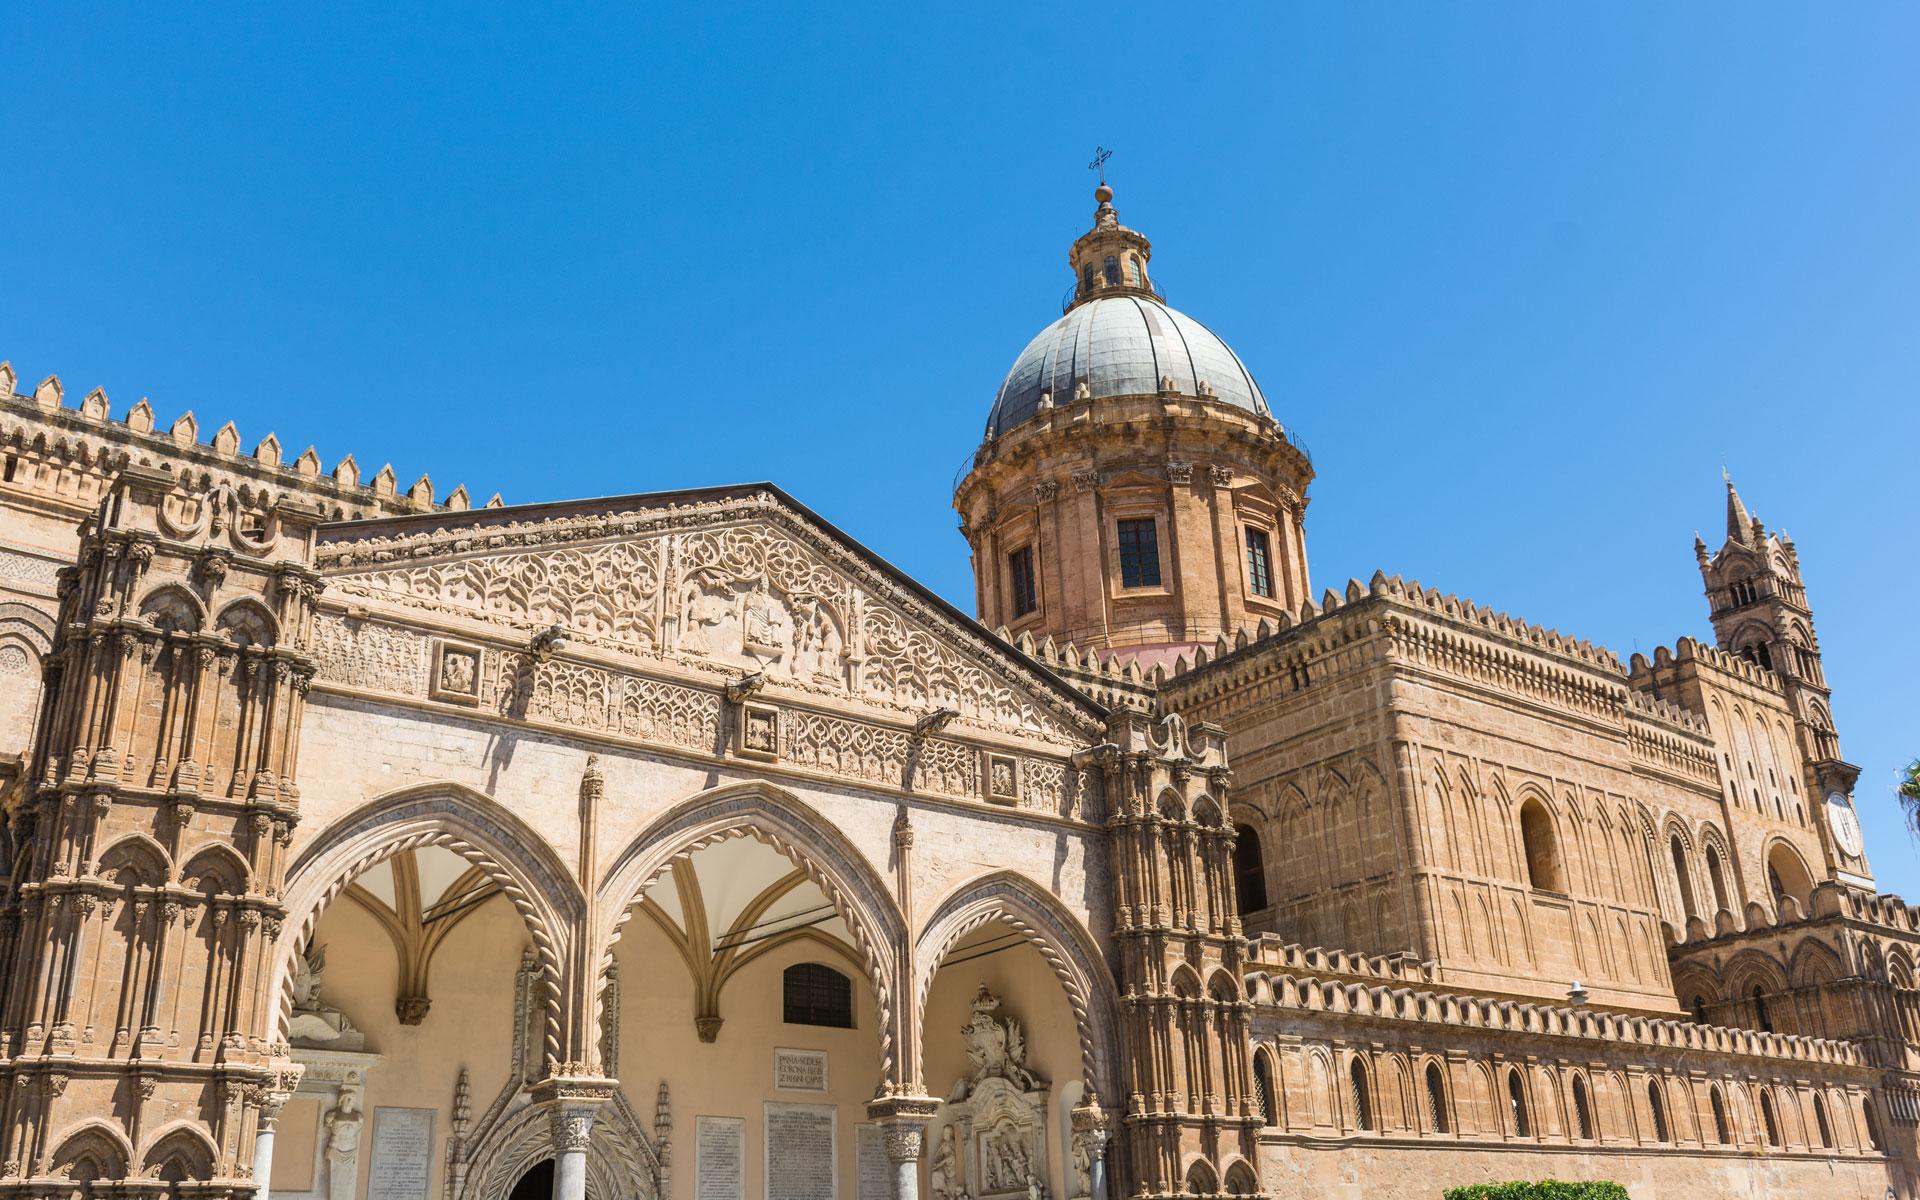 Sicilia: un viaggio tra mitologia e realtà storica, tra architettura, gusto e innamoramento.